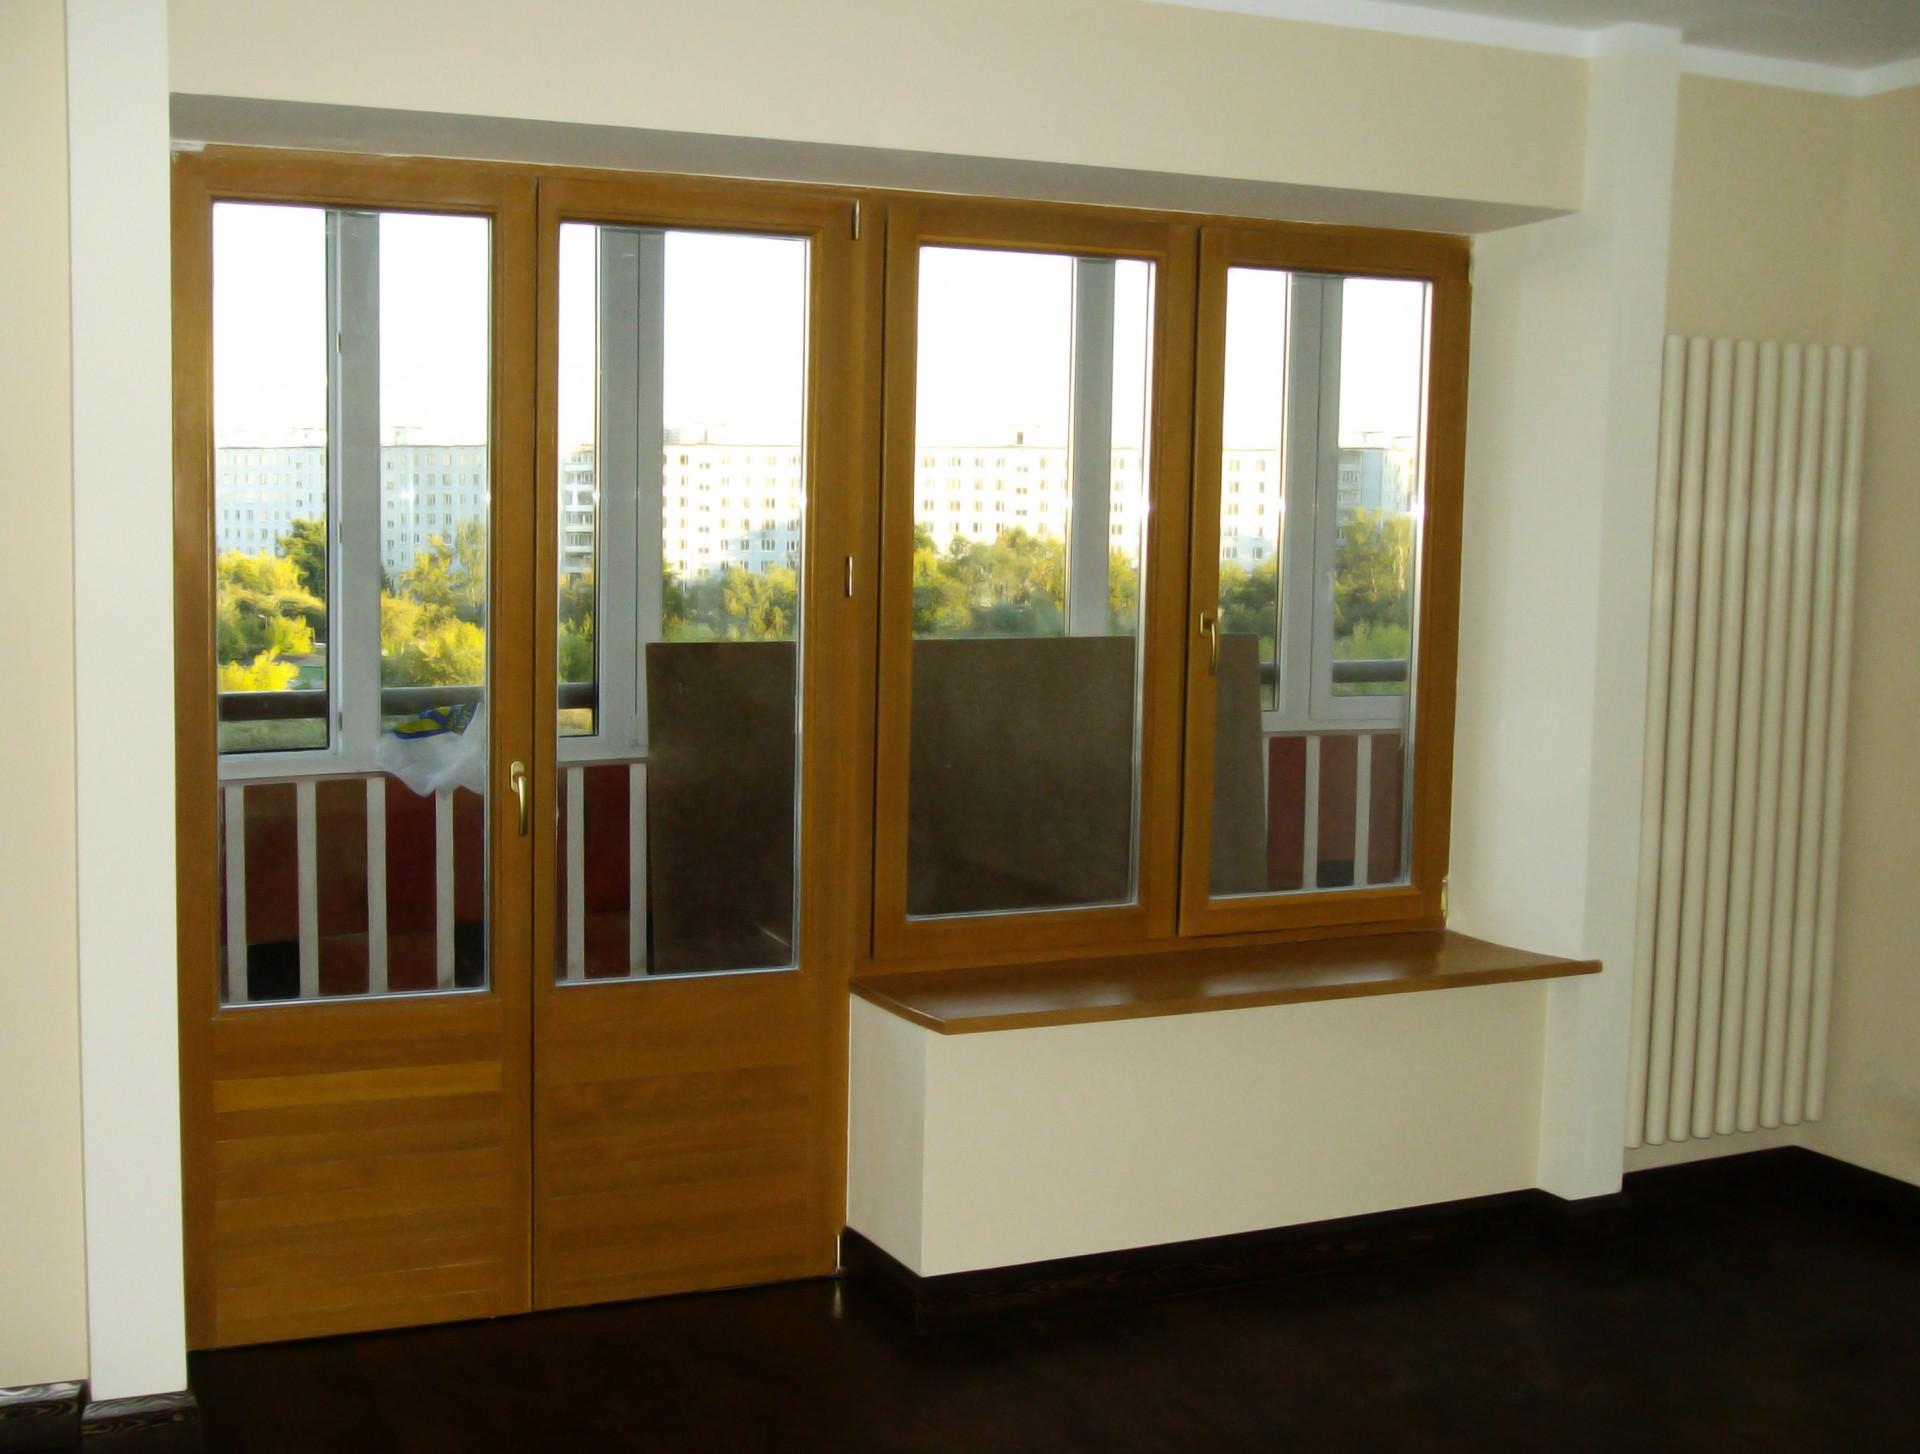 Дерево-алюминиевый балконный блок лиственница (ае) 2200x2100.